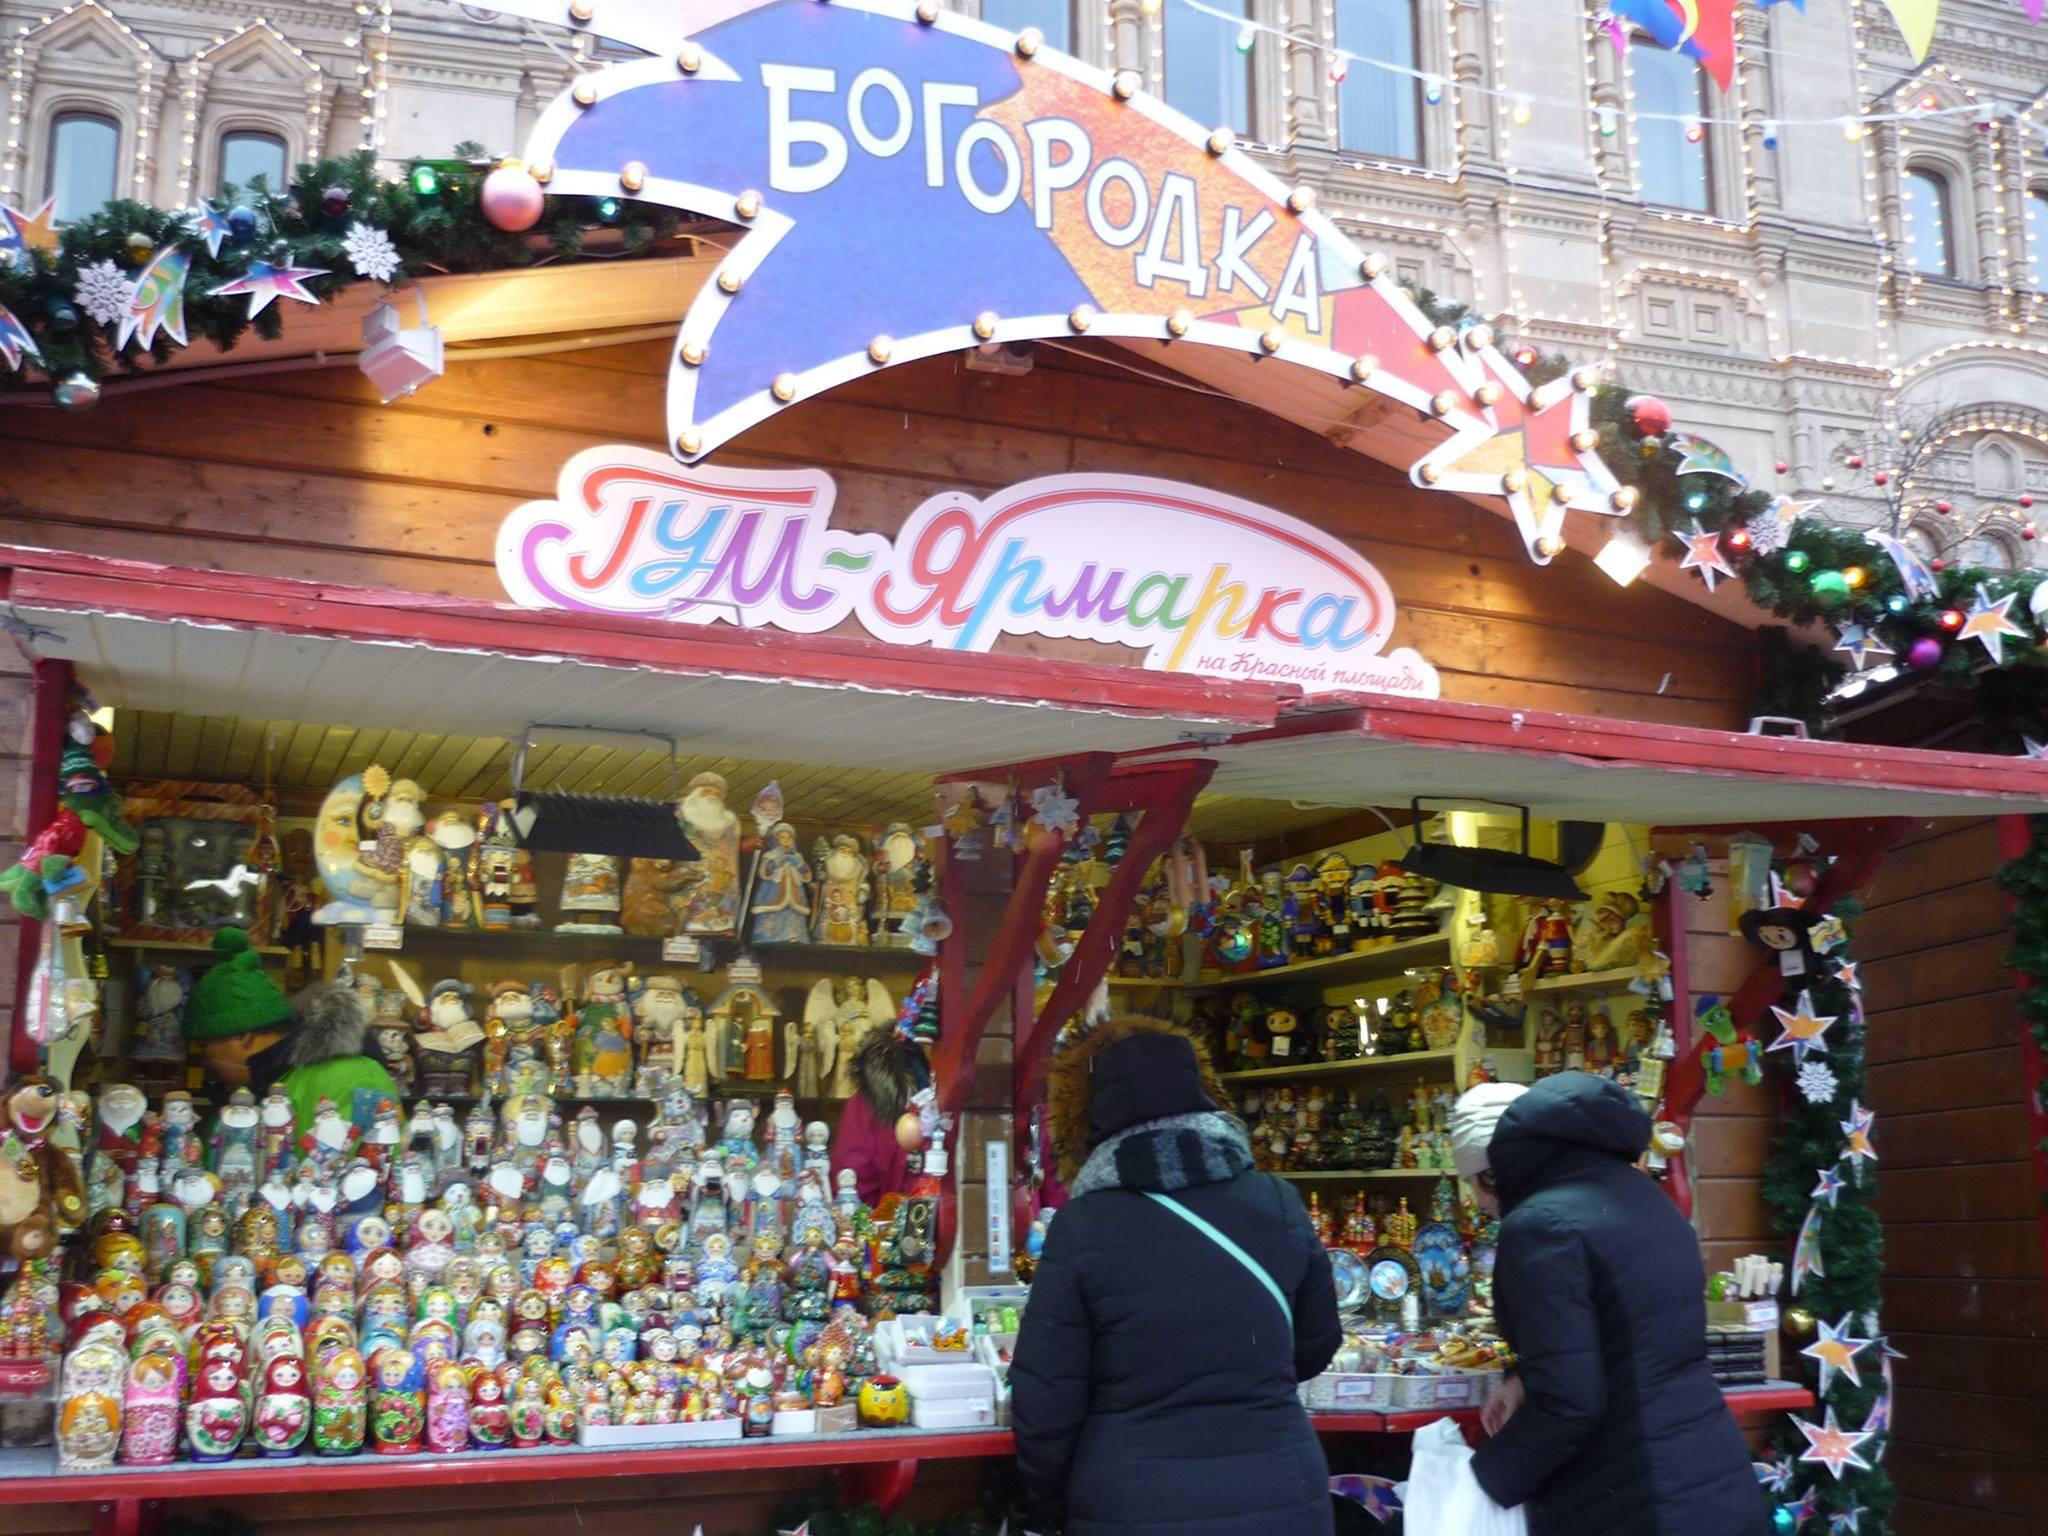 ロシア・モスクワ赤の広場 クリスマスマーケットの穴場情報